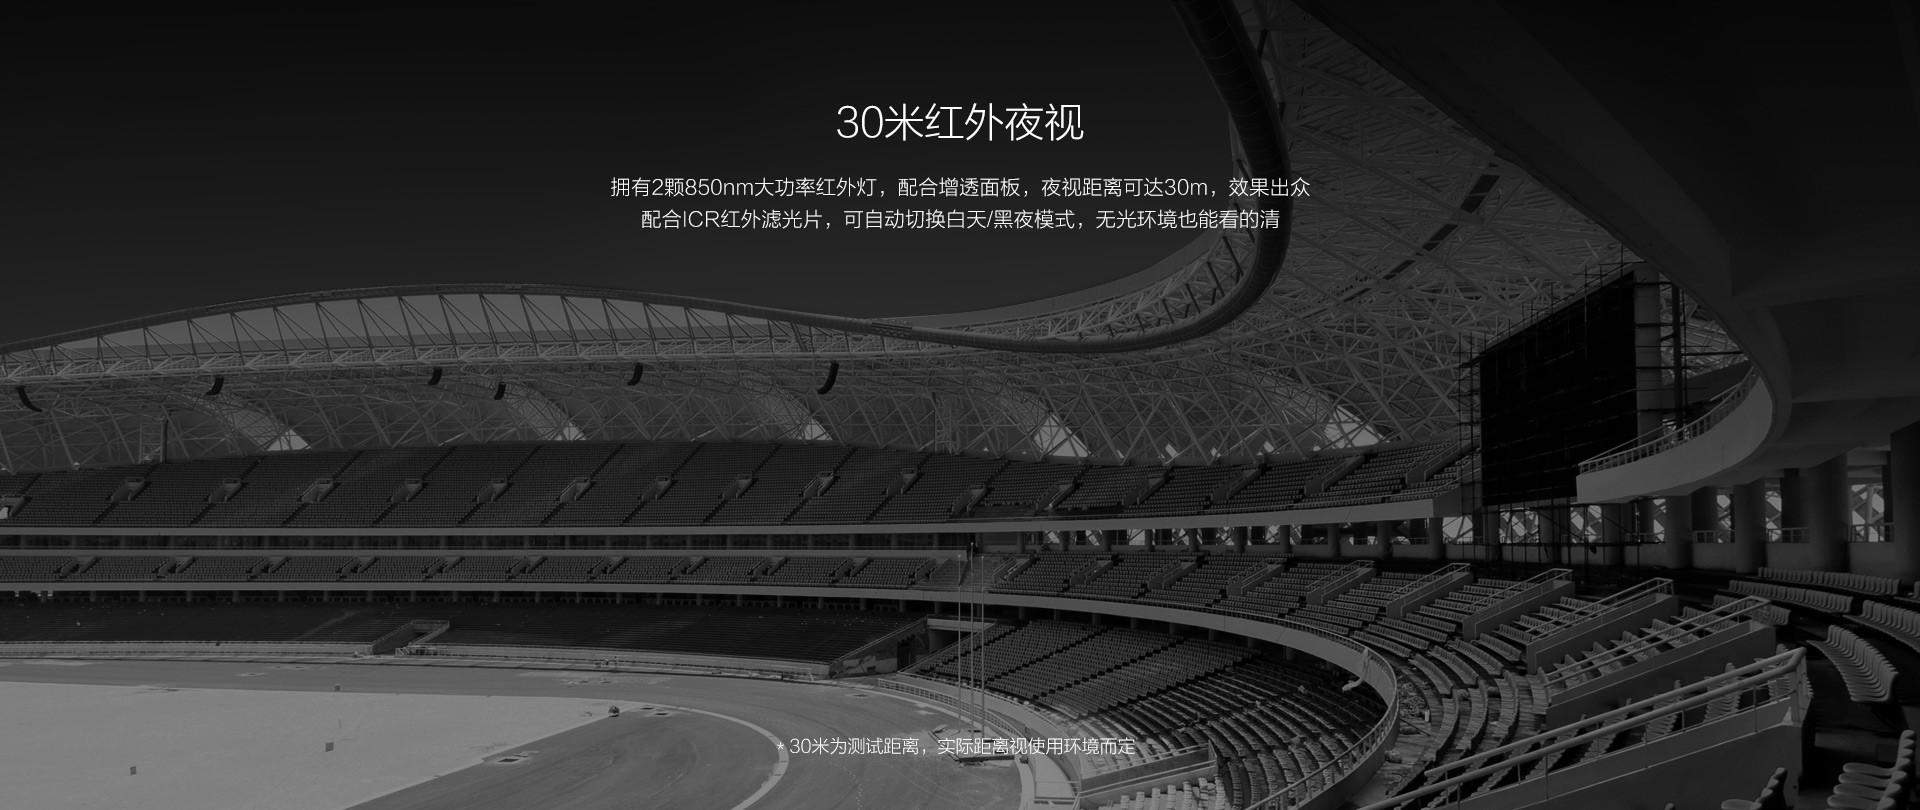 C4w-web.jpg